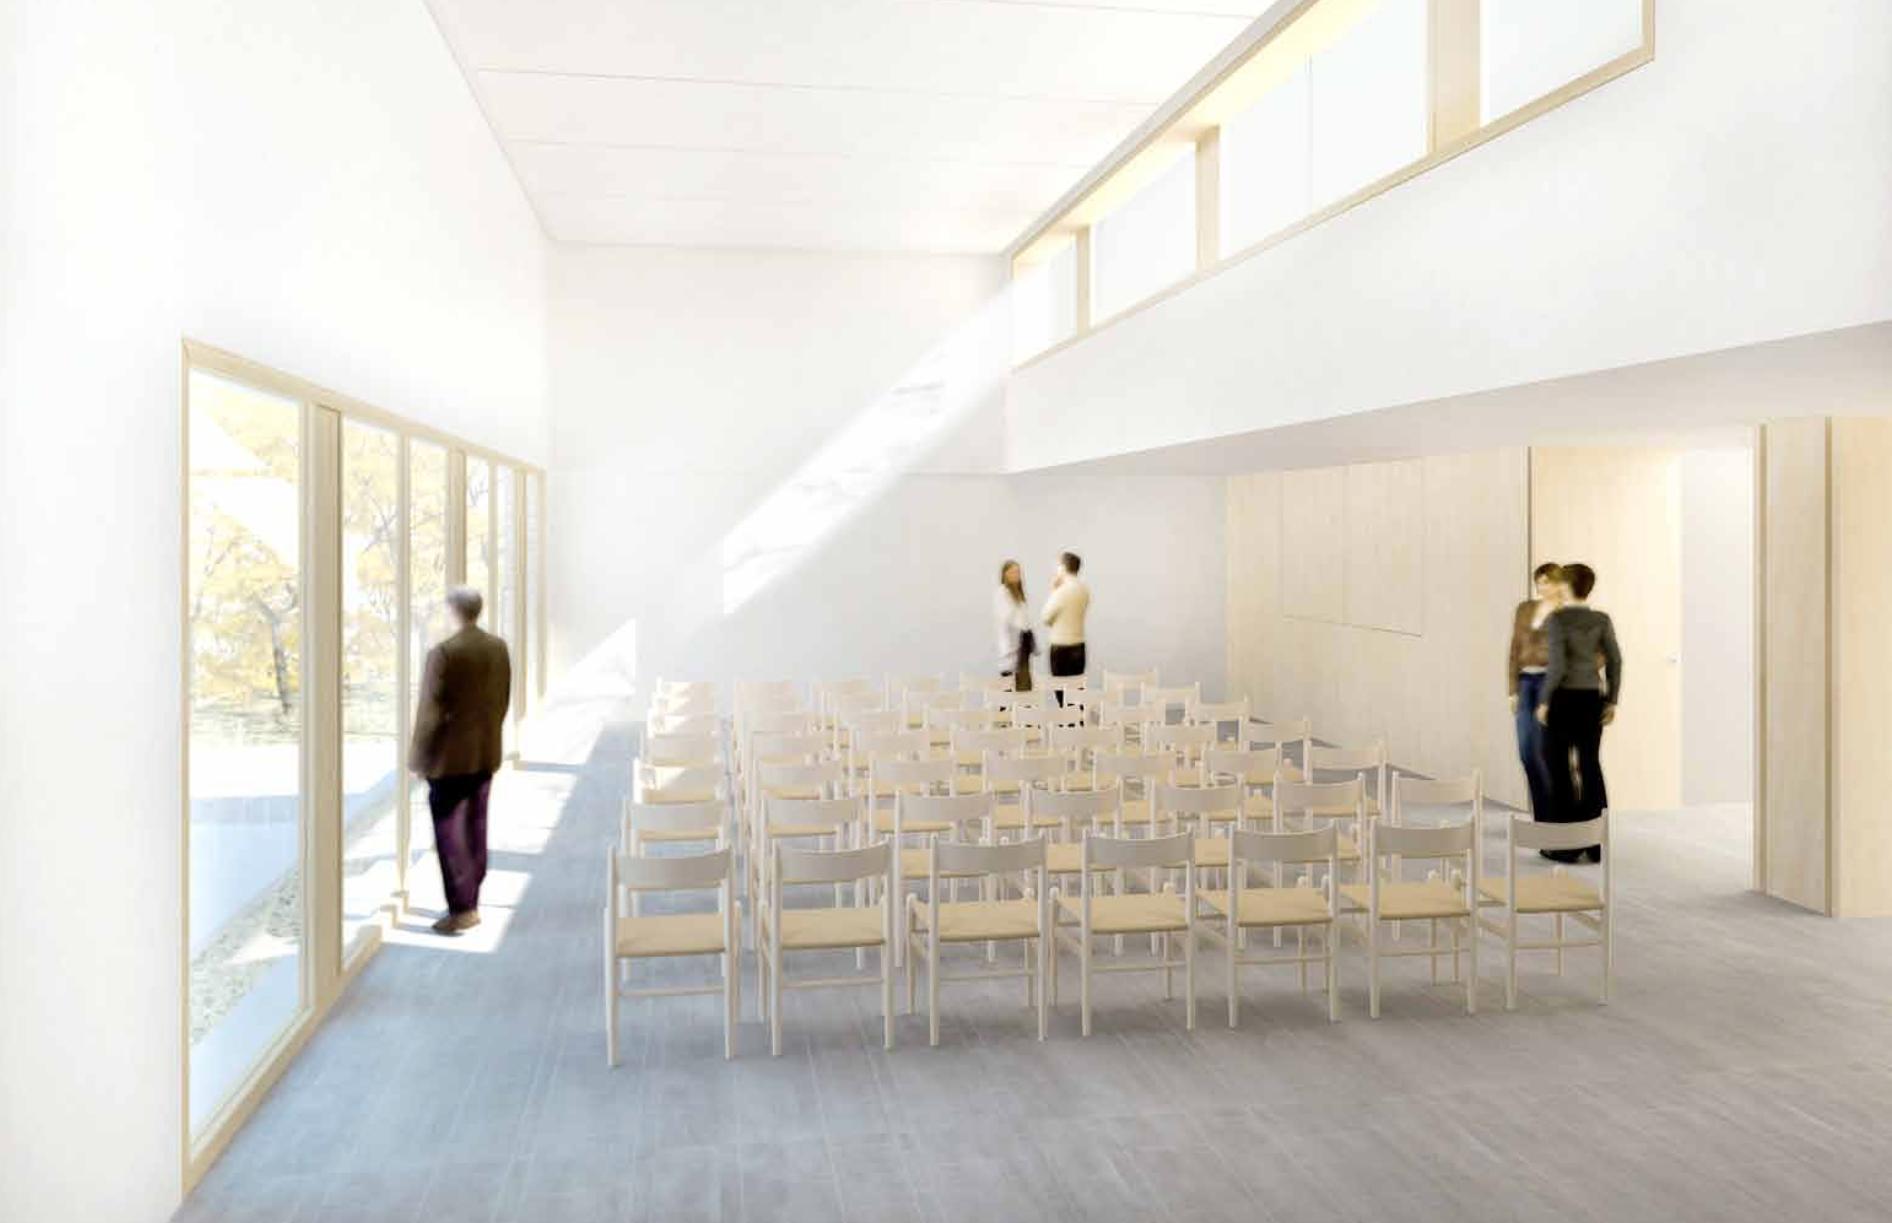 Perspektive des Gemeindesaals der Kreuzkirchengemeinde in Celle Wettbewerb Gutachterverfahren